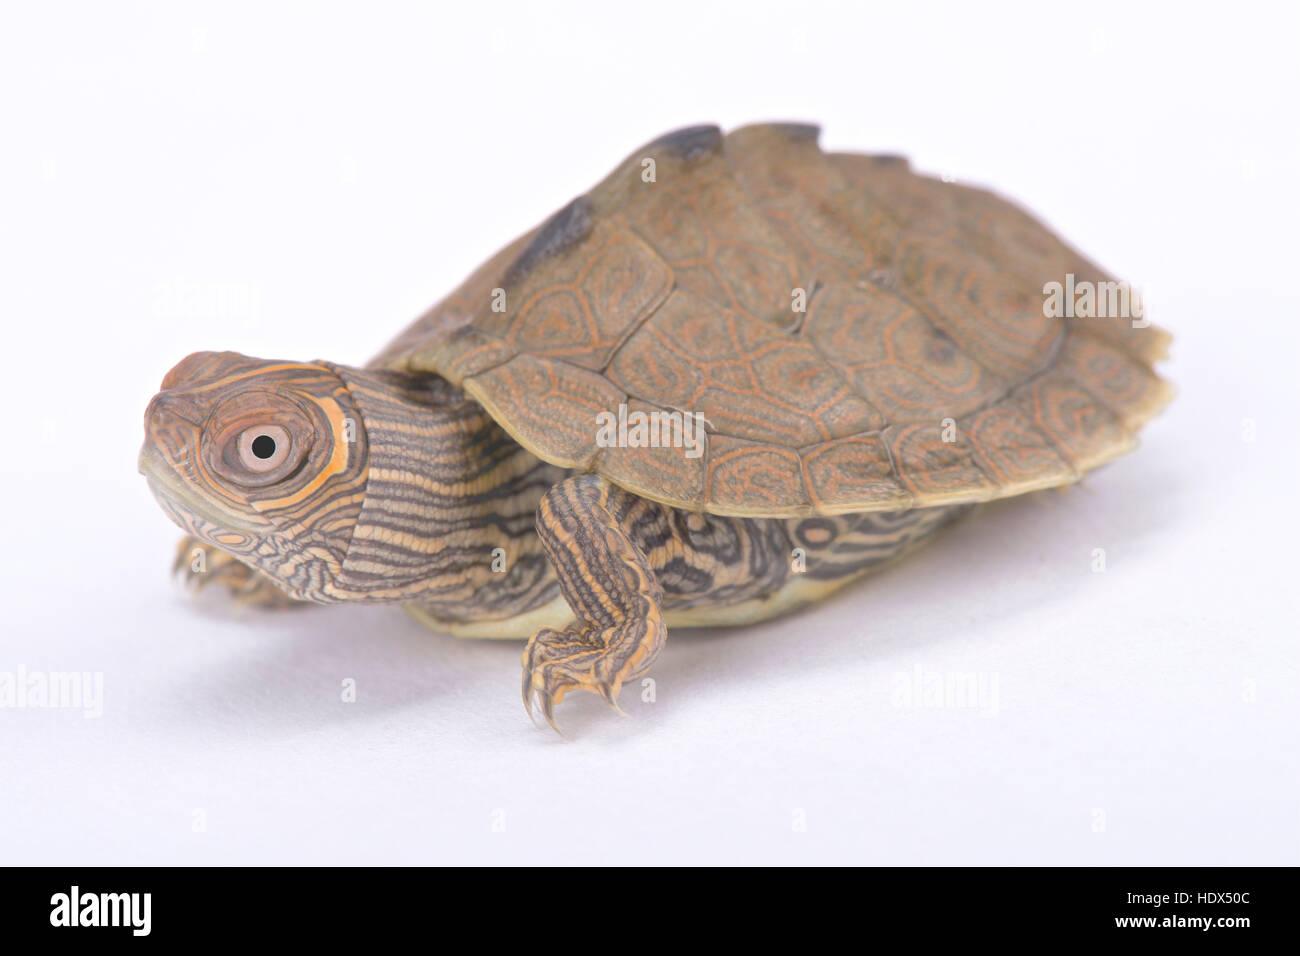 Le Mississippi, la tortue géographique Graptemys pseudogeographica kohni Photo Stock